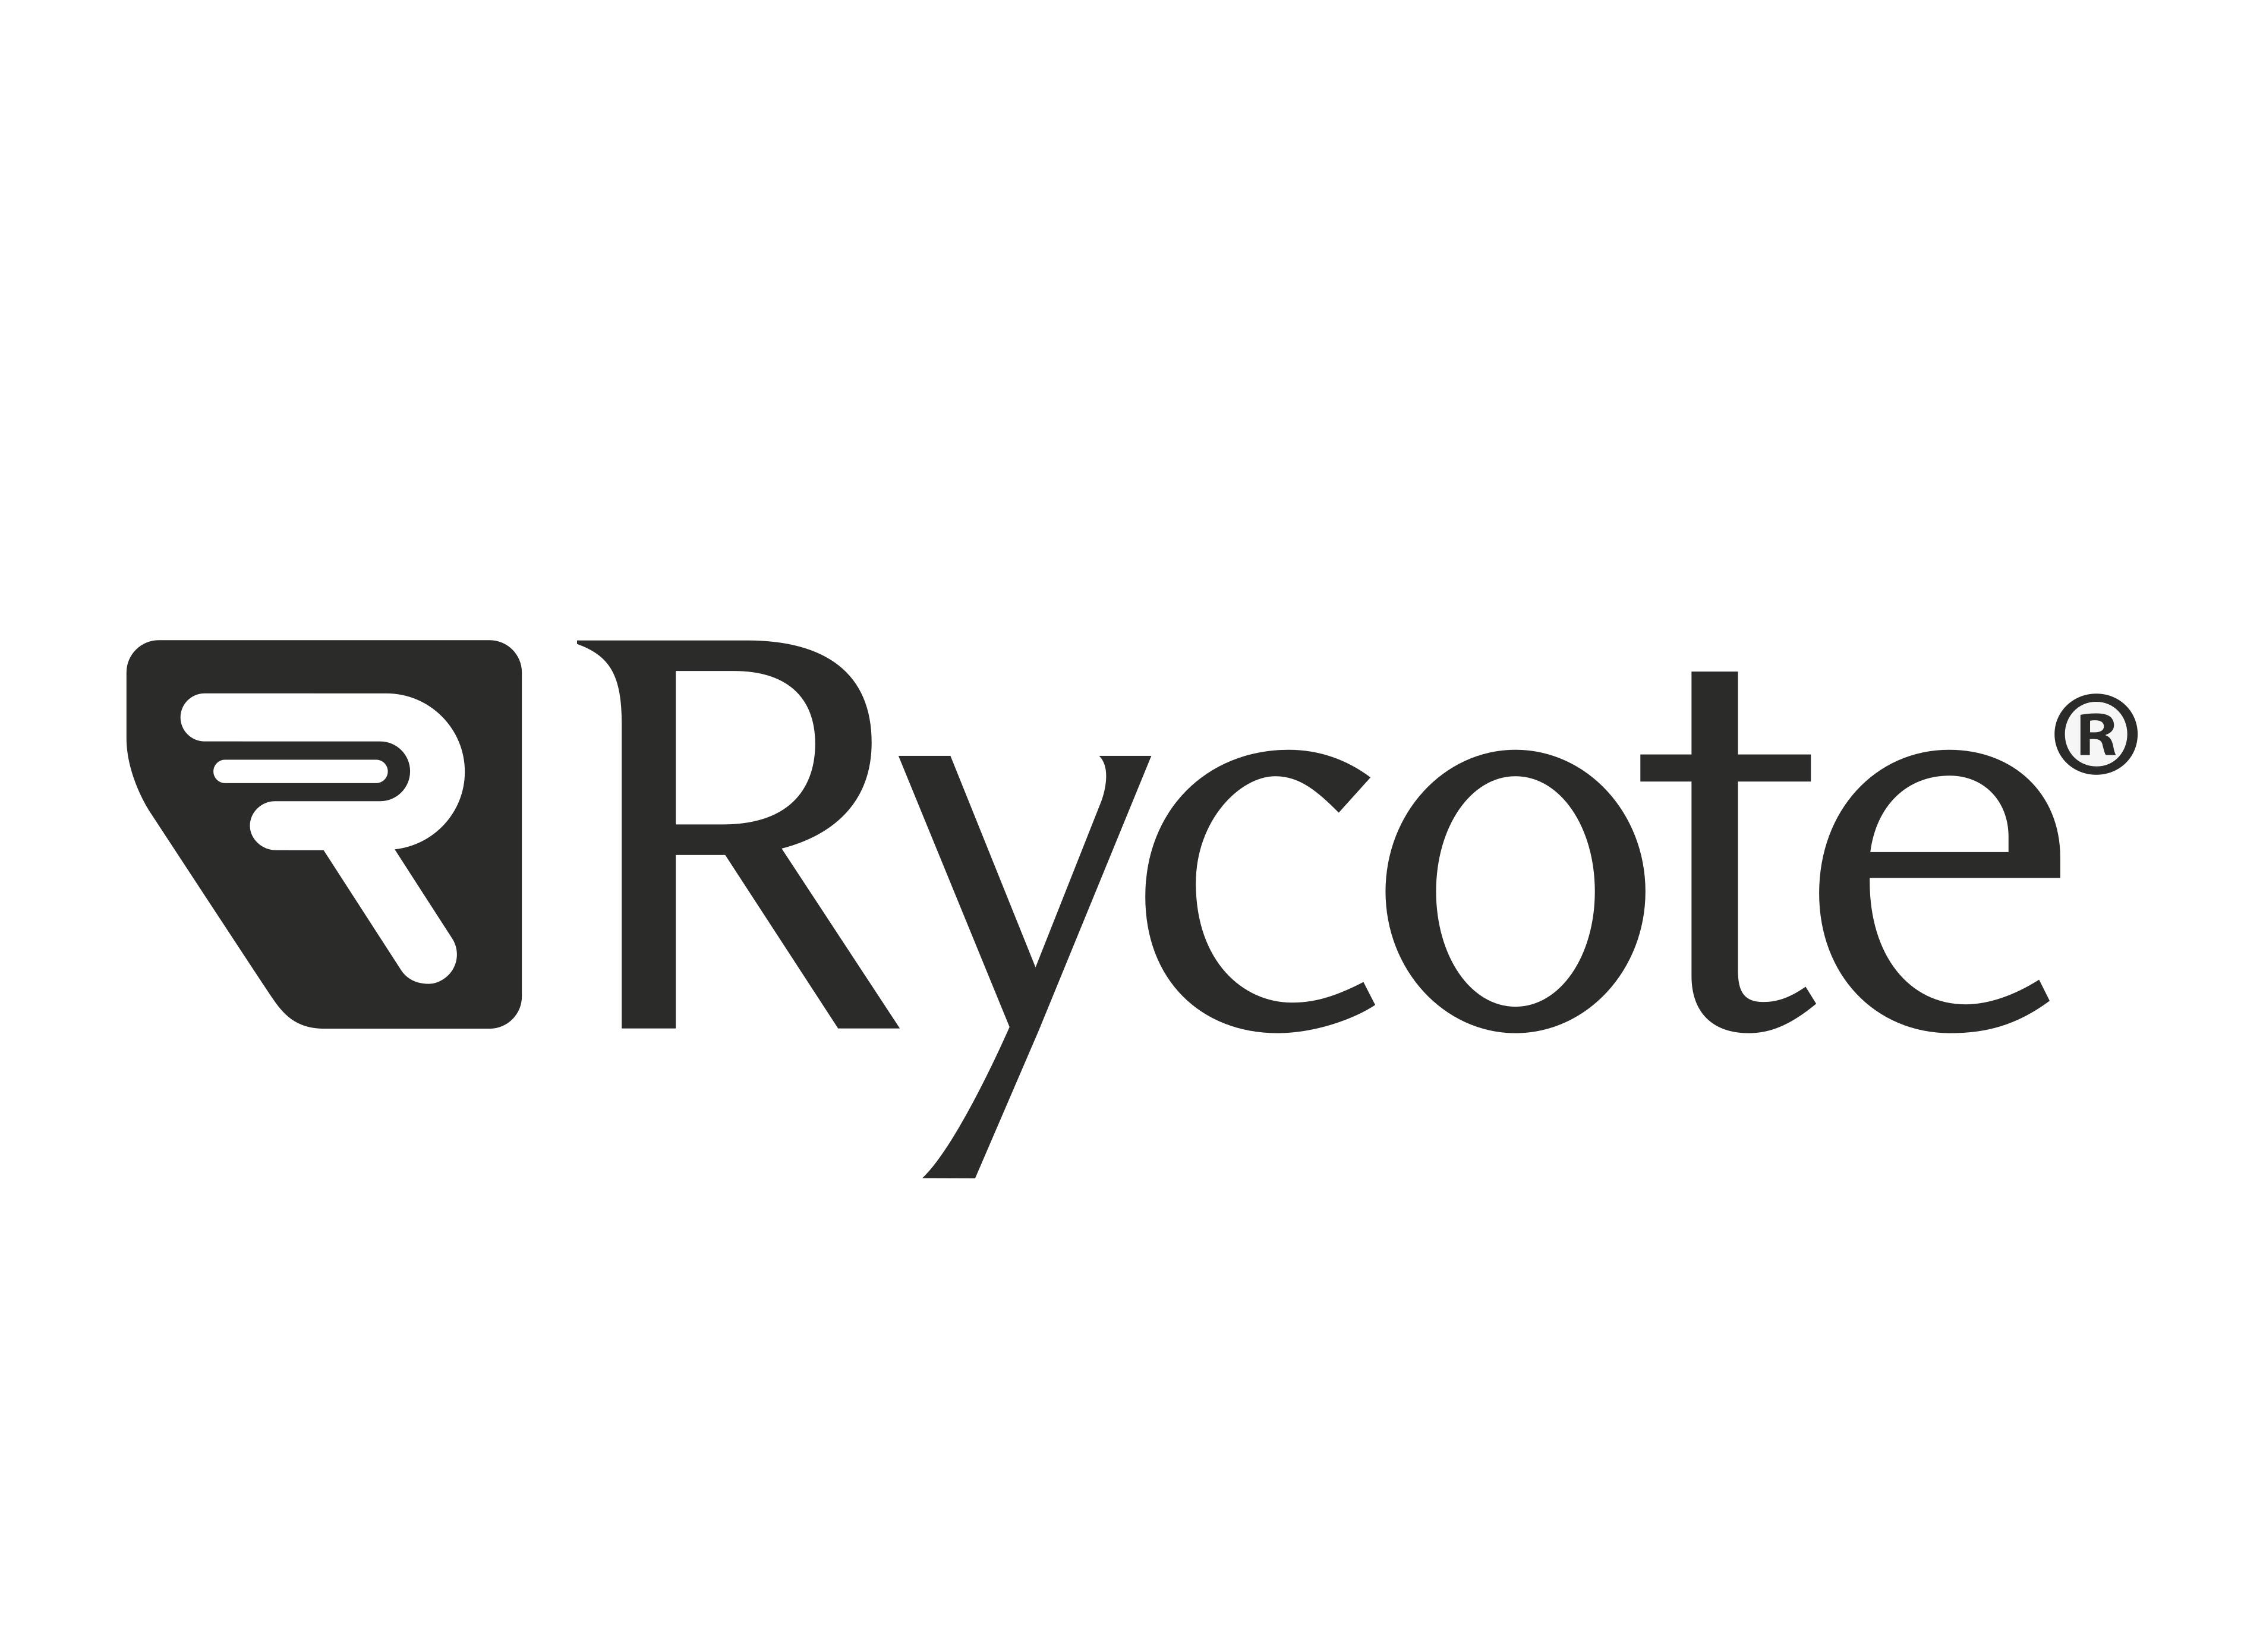 Rycote_Logo_Monochrome_On_White_01